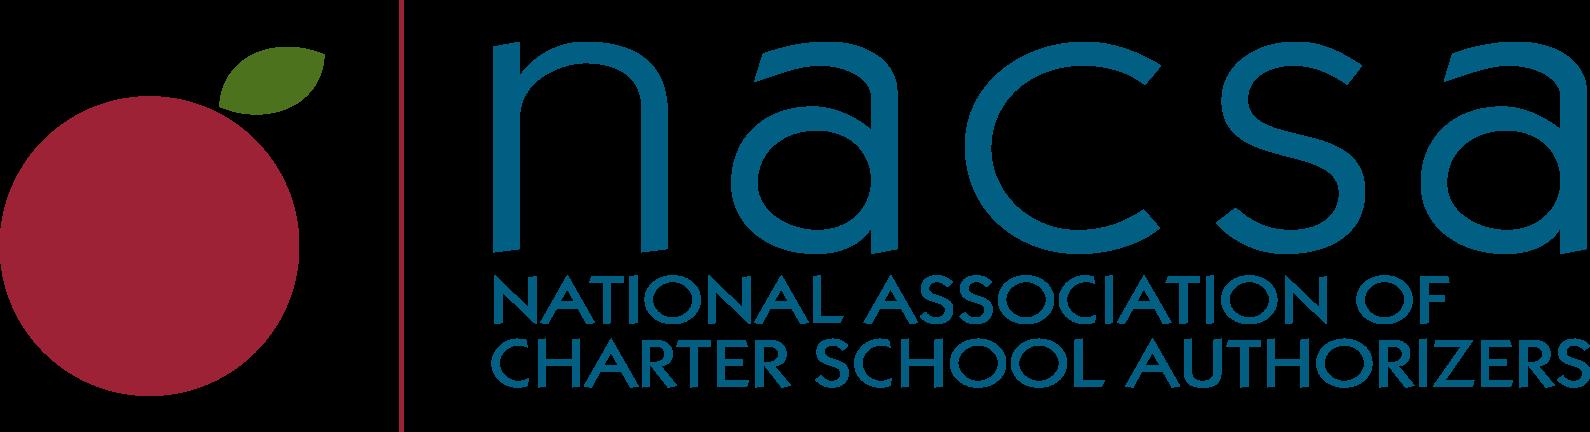 NACSA_logo_RGB_full.png